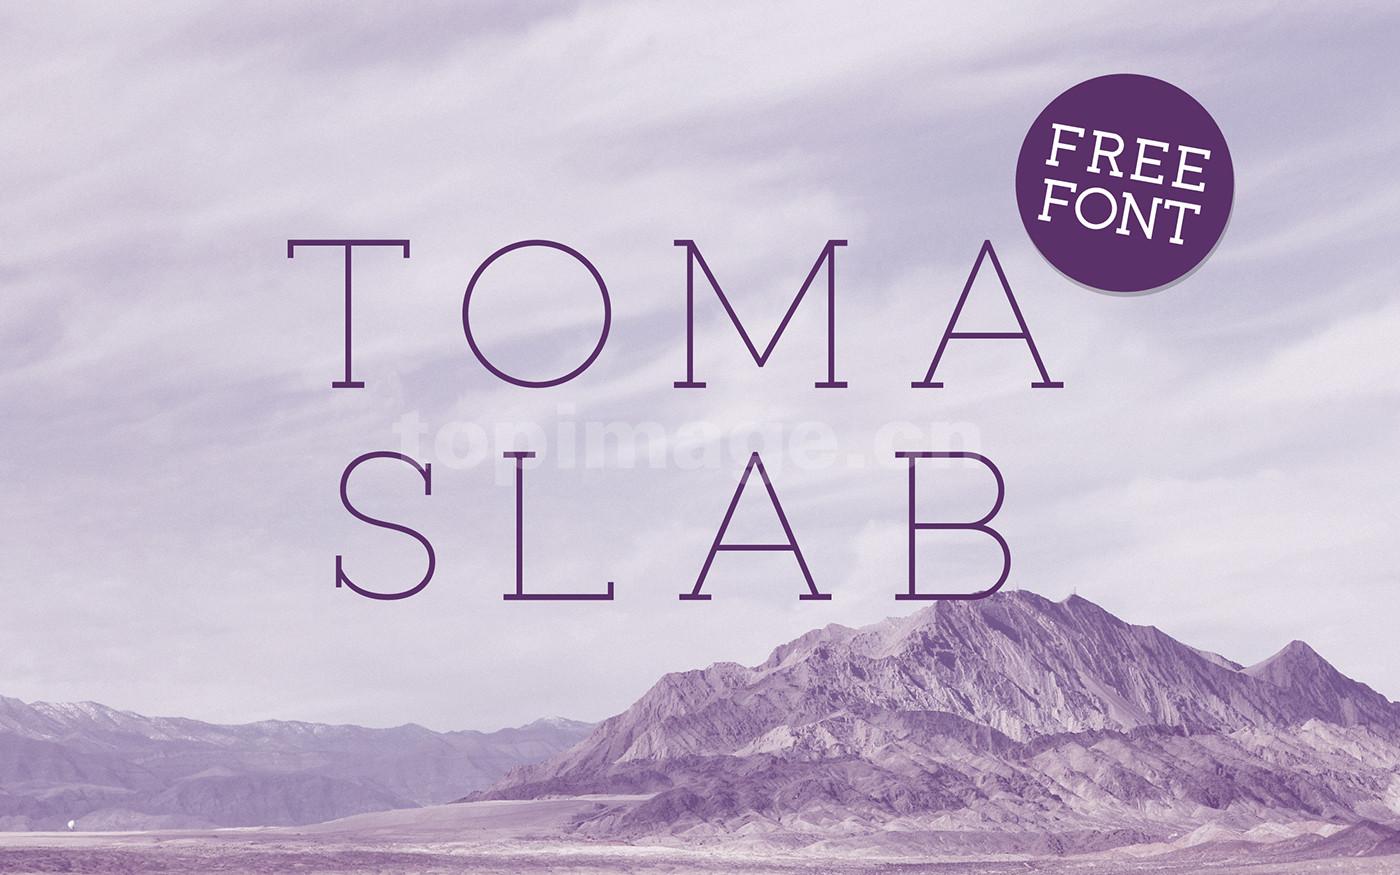 TomaSlab 简约纤细衬线logo海报英文设计字体